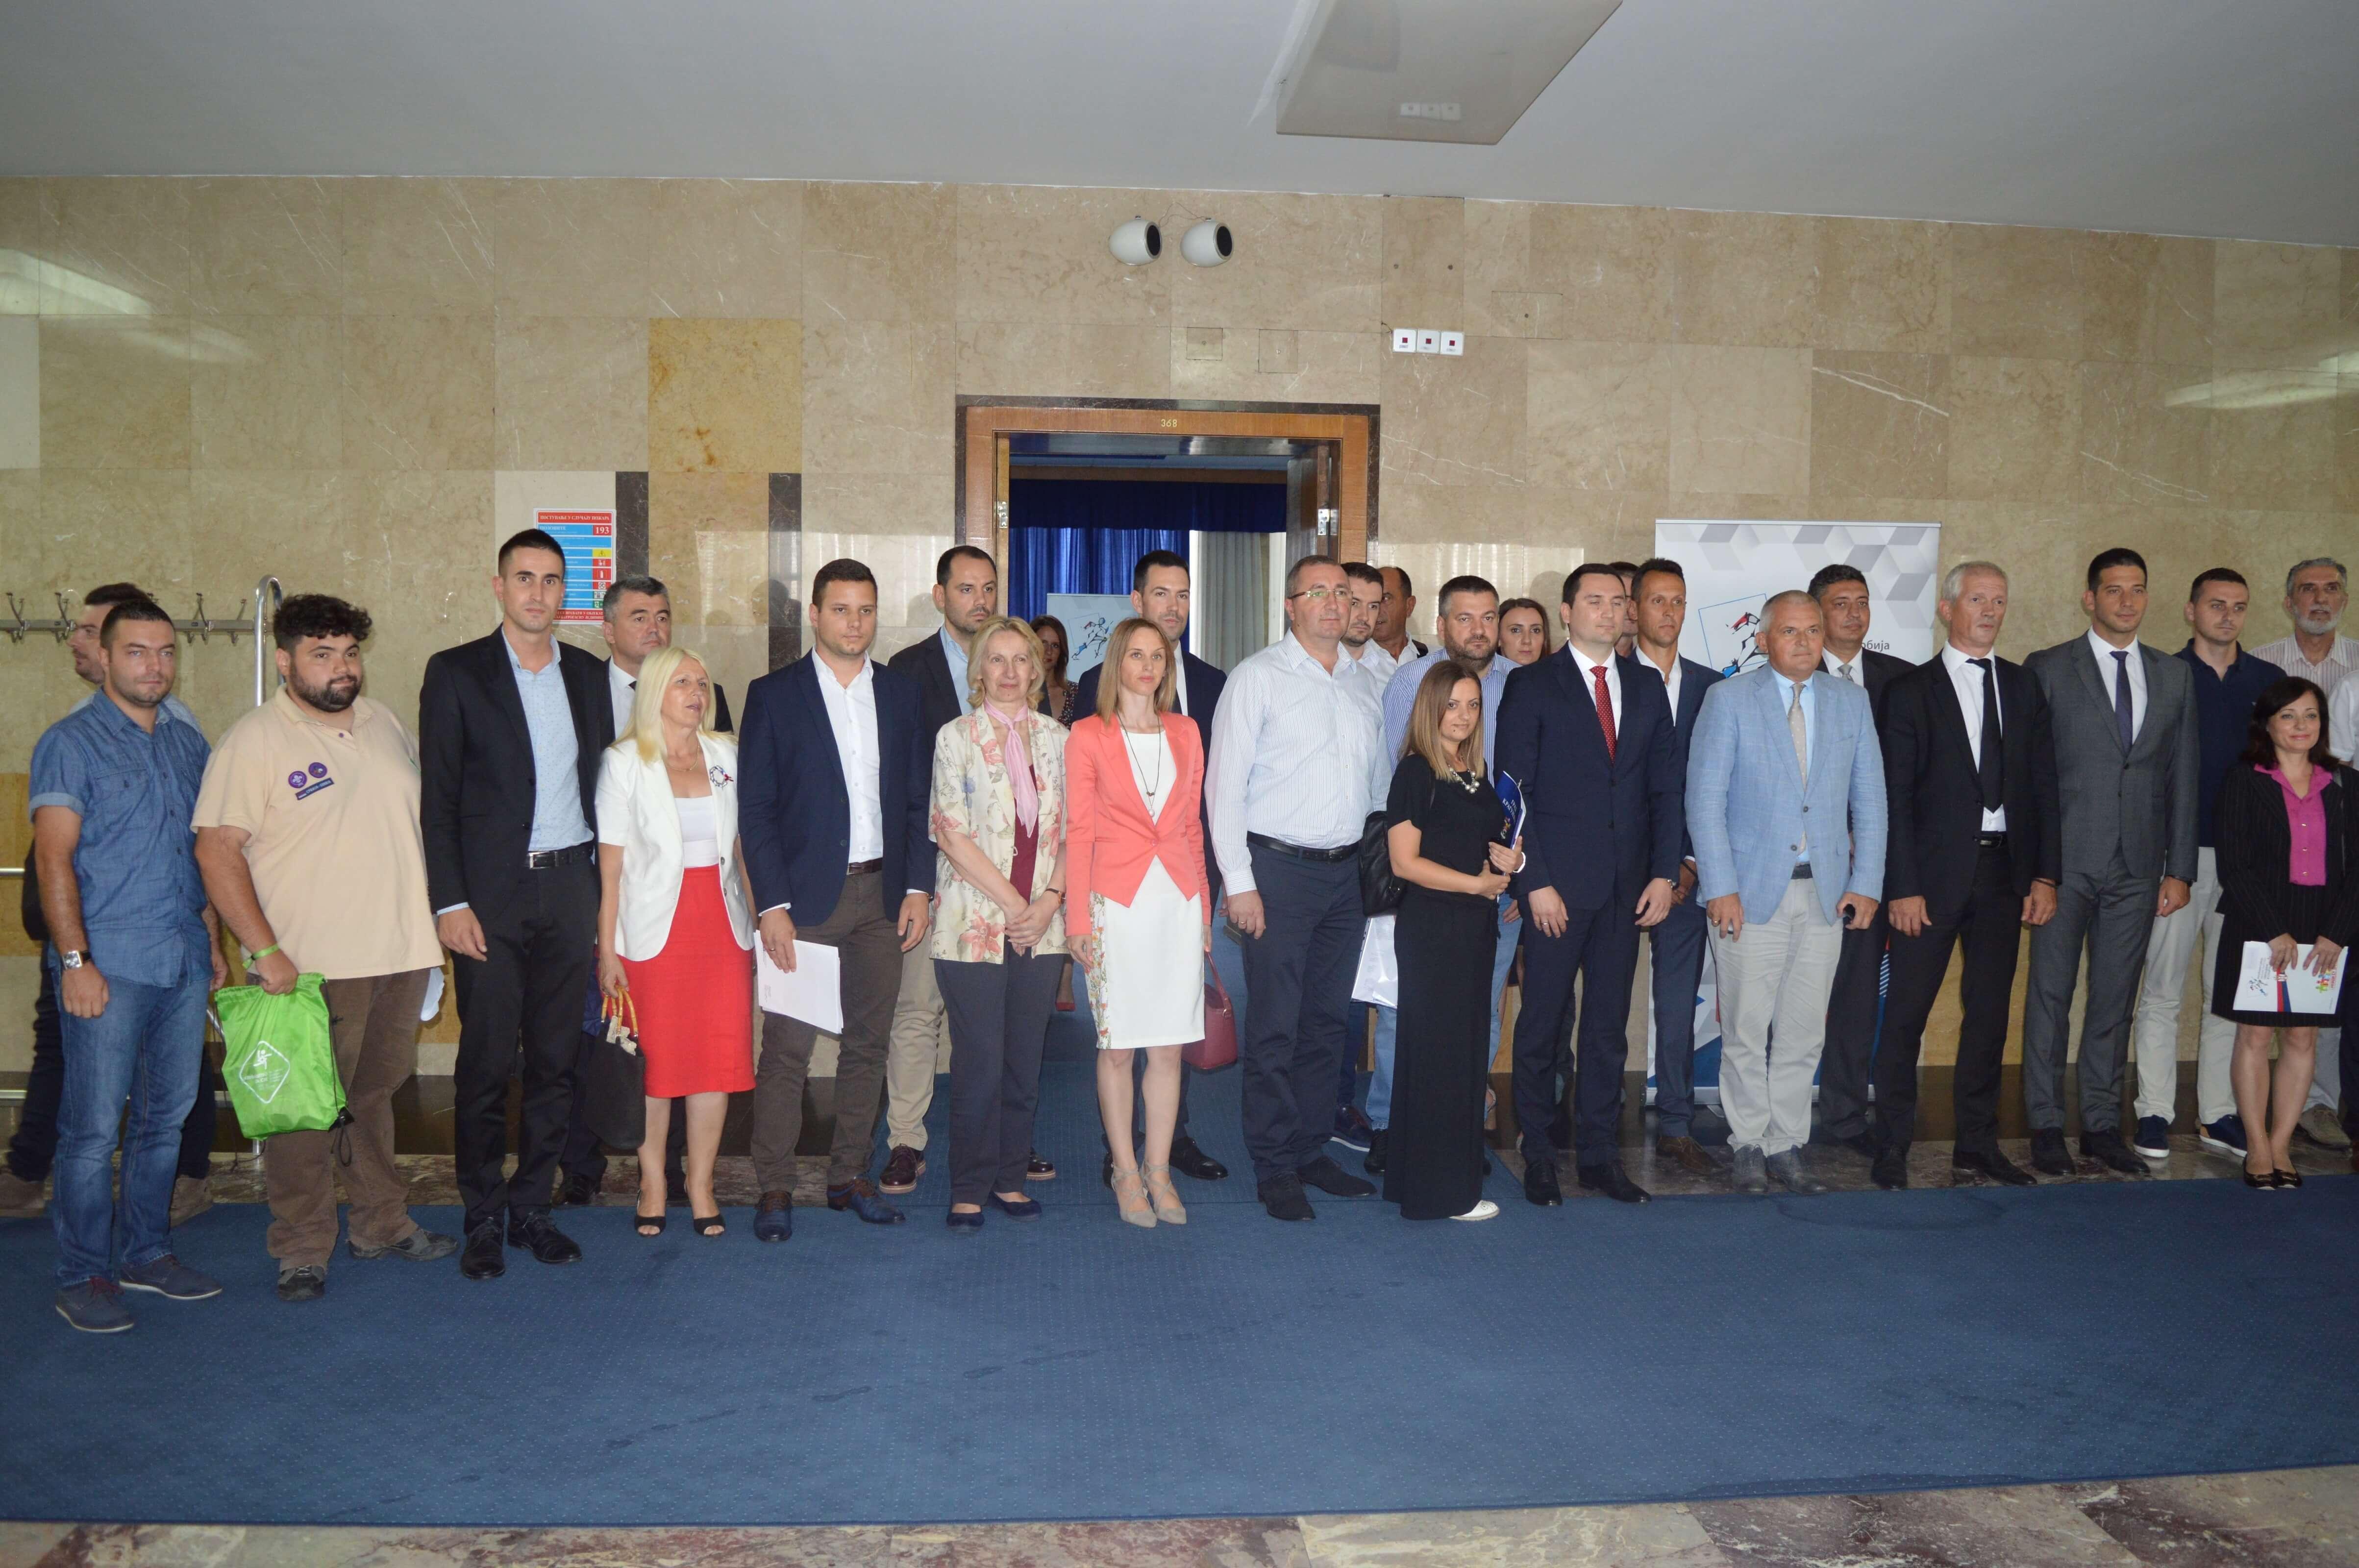 Потписници уговора по конкурсу за подршку јединицама локалне самоуправе у спровођењу омладинске политике на локалном нивоу